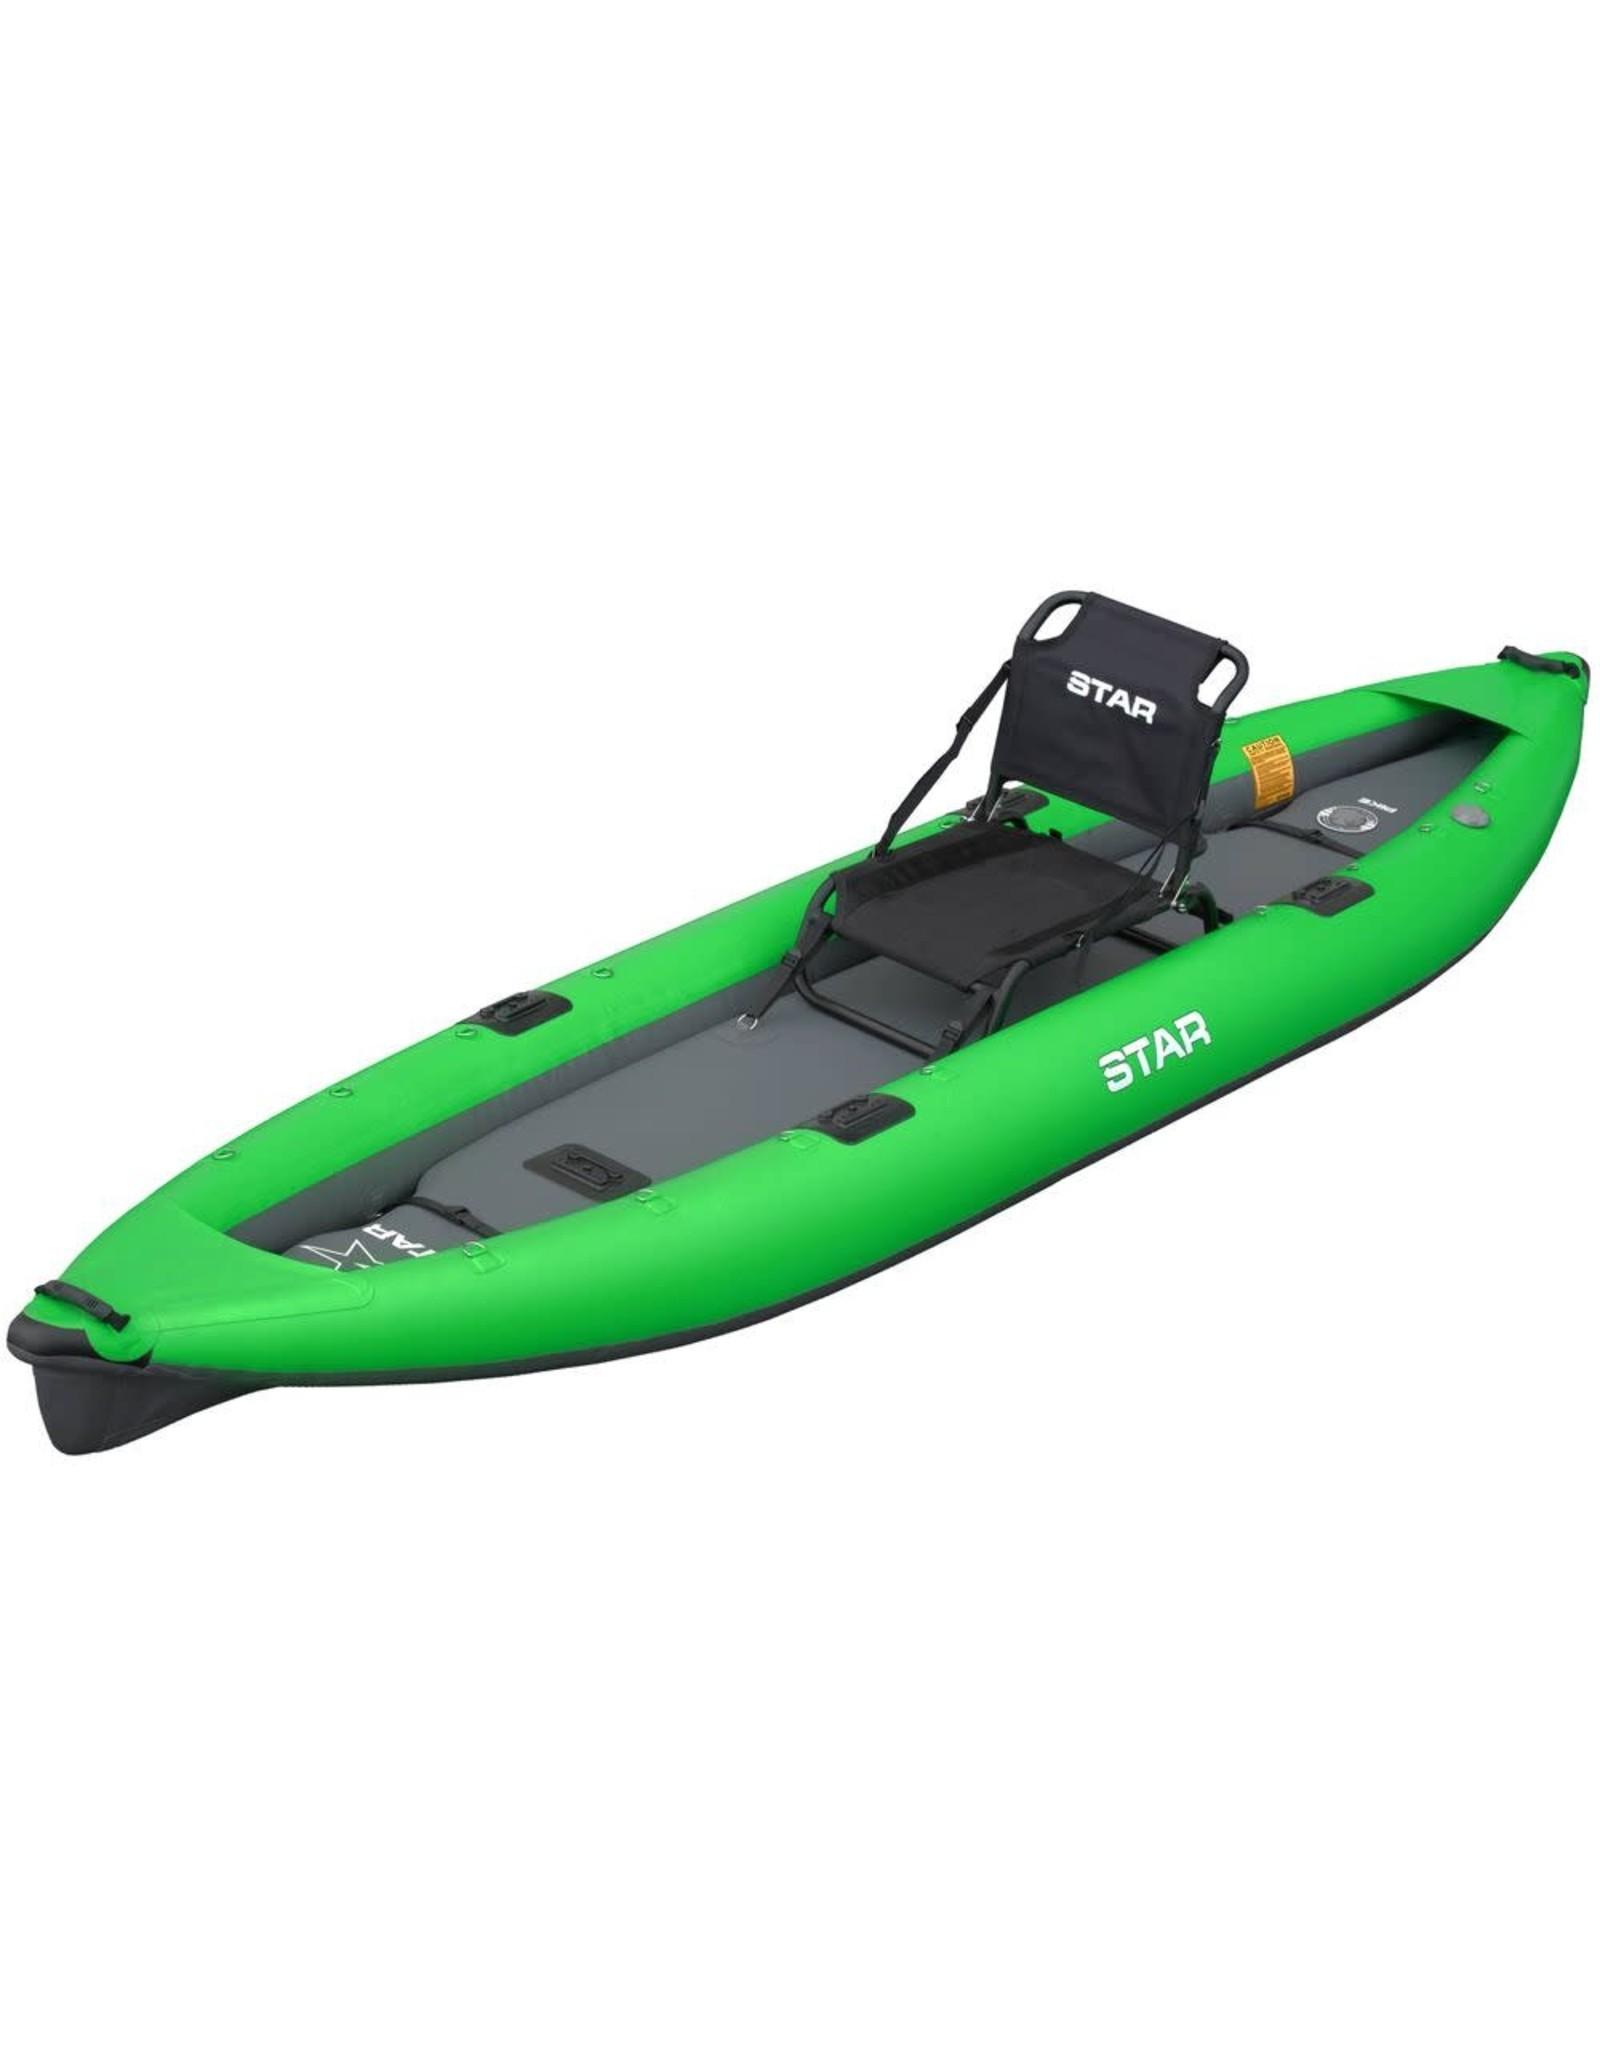 STAR Inflatables STAR Pike Inflatable Fishing Kayak Lime